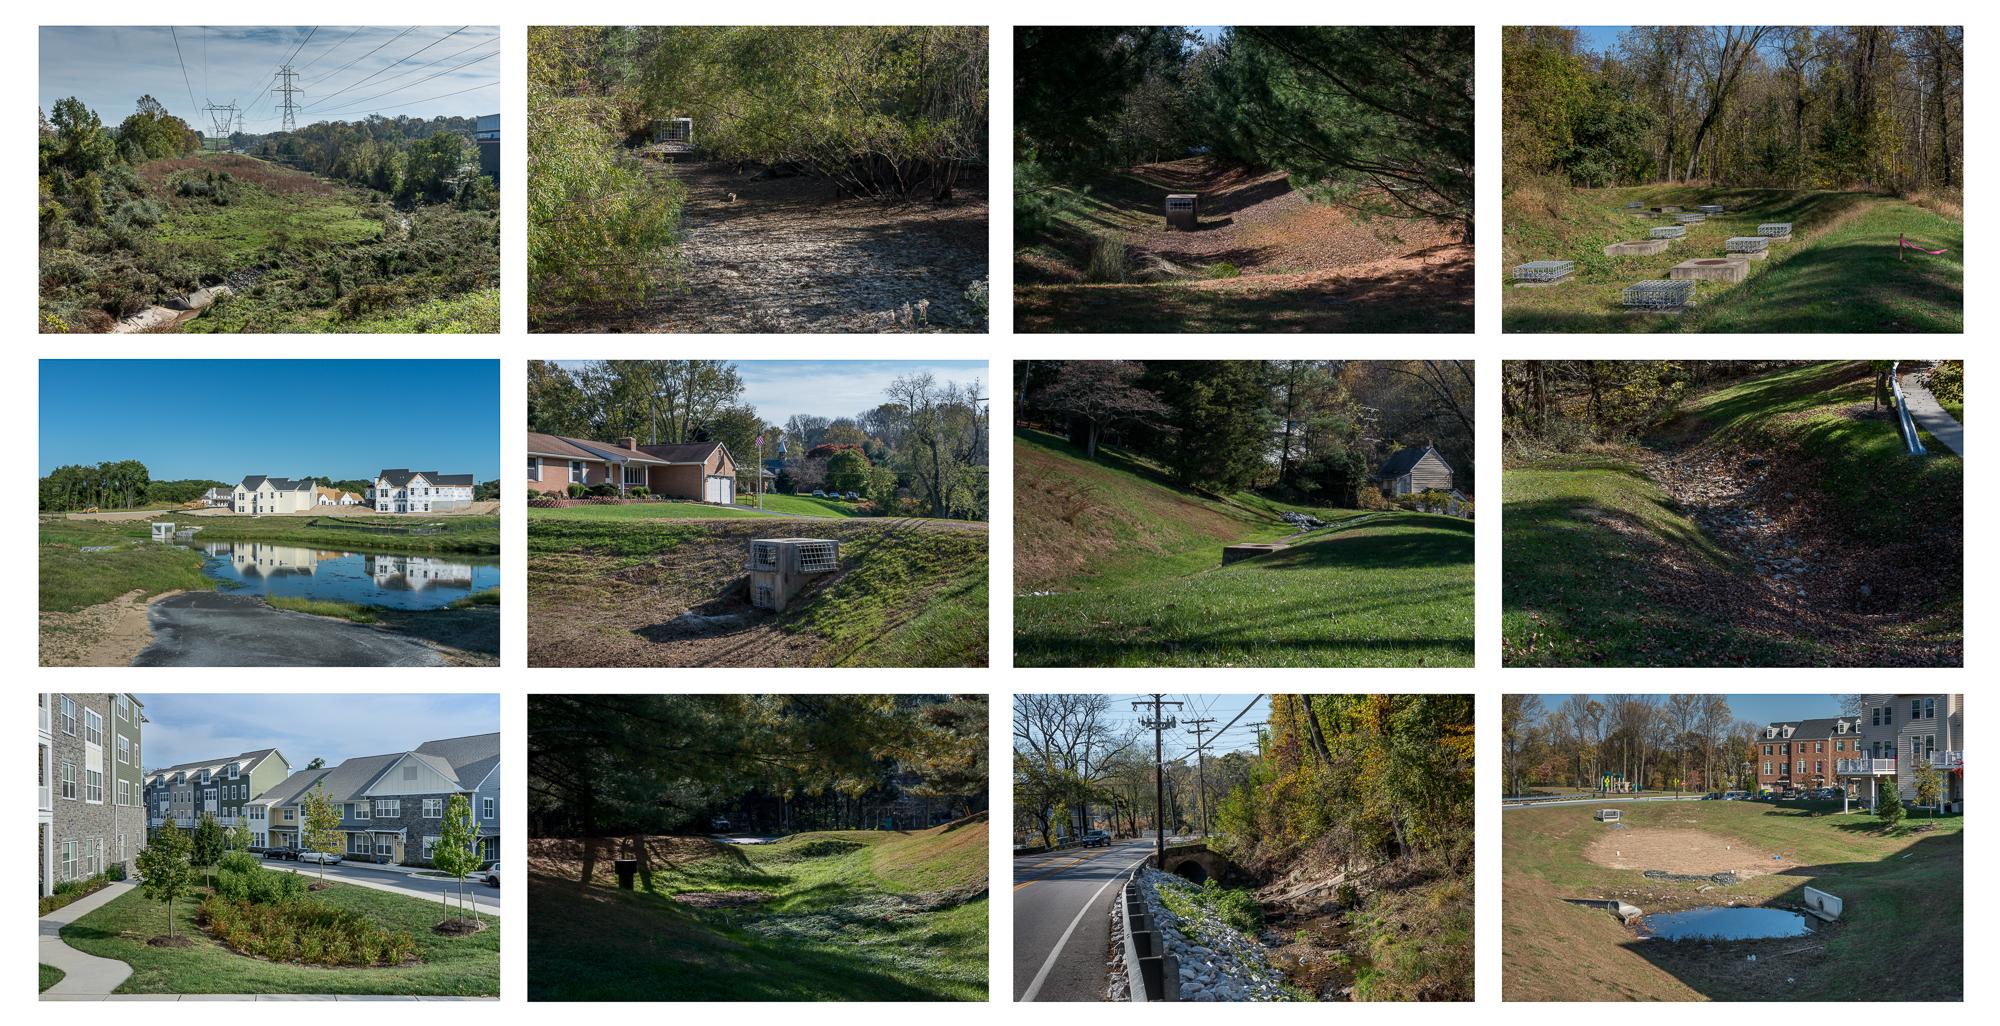 Twelve Inadequate Drainage Systems, Ellicott City, Maryland, 201